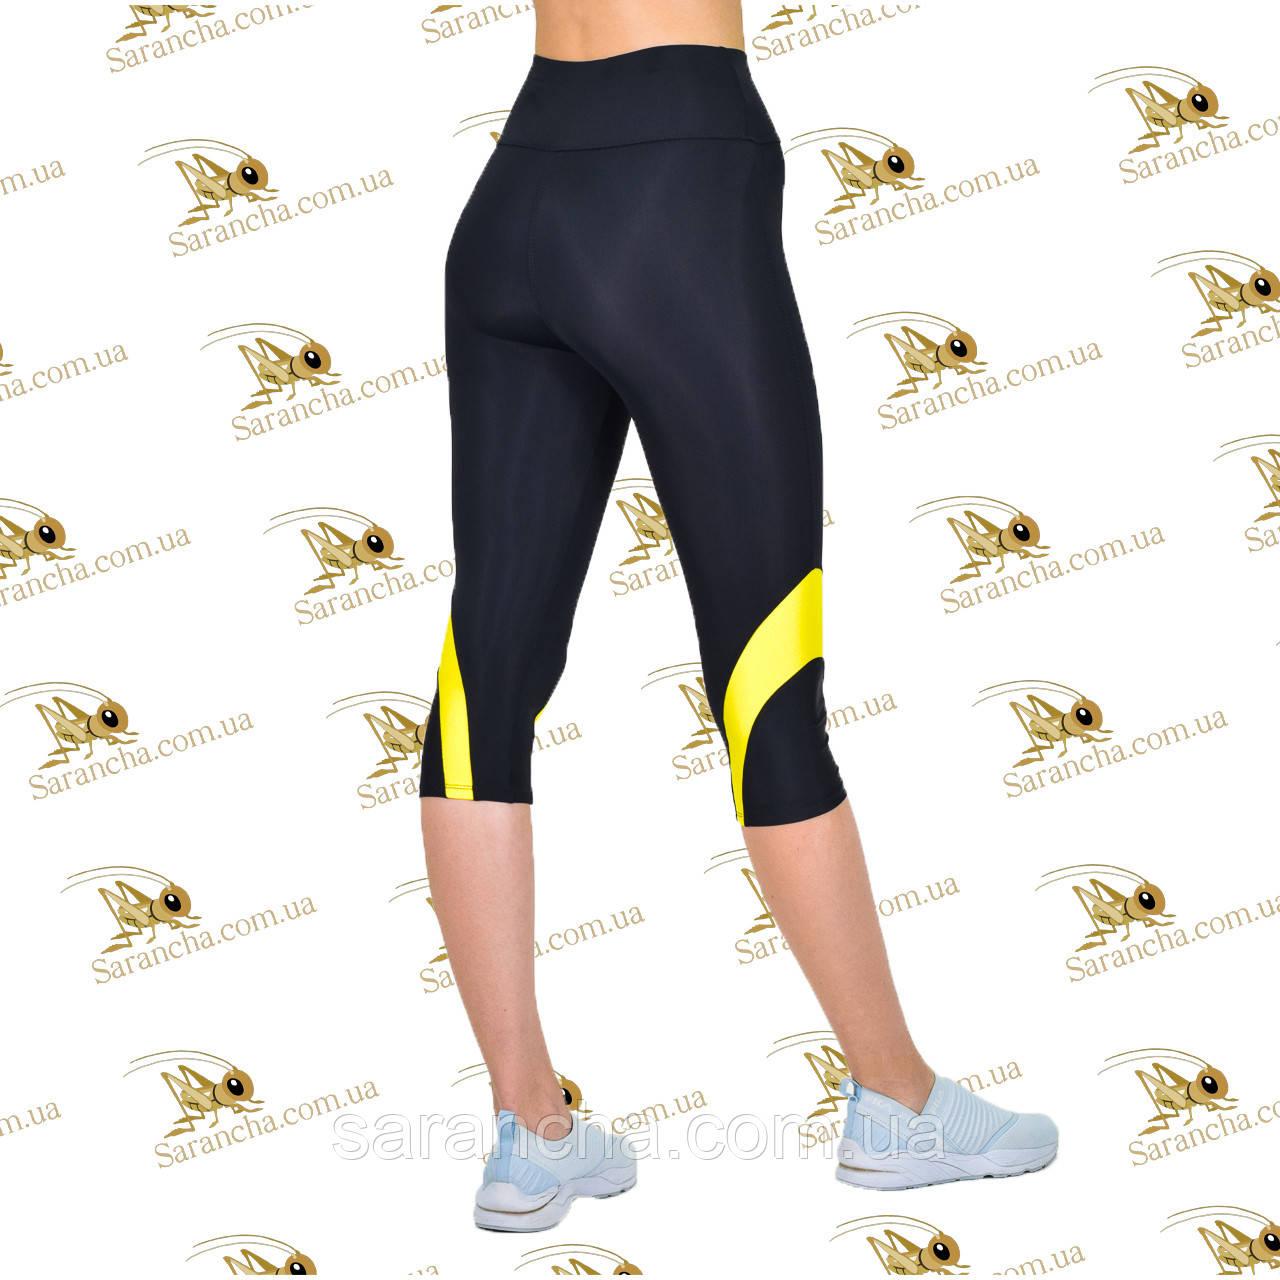 Жіночі спортивні бриджі чорні з жовтими вставками розміри від 42 до 52